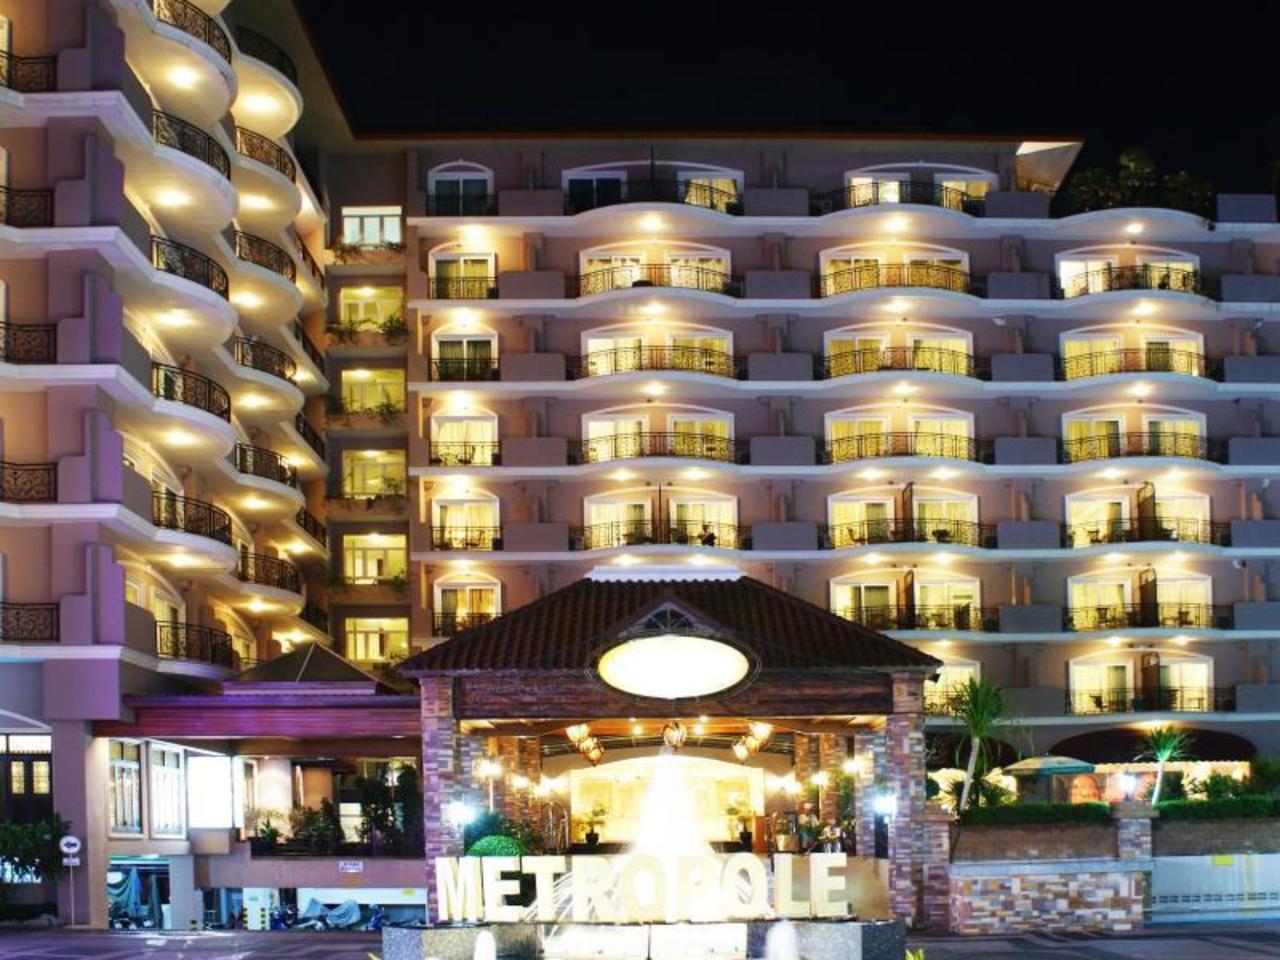 โรงแรมแอลเค เมโทรโปล (LK Metropole Hotel)